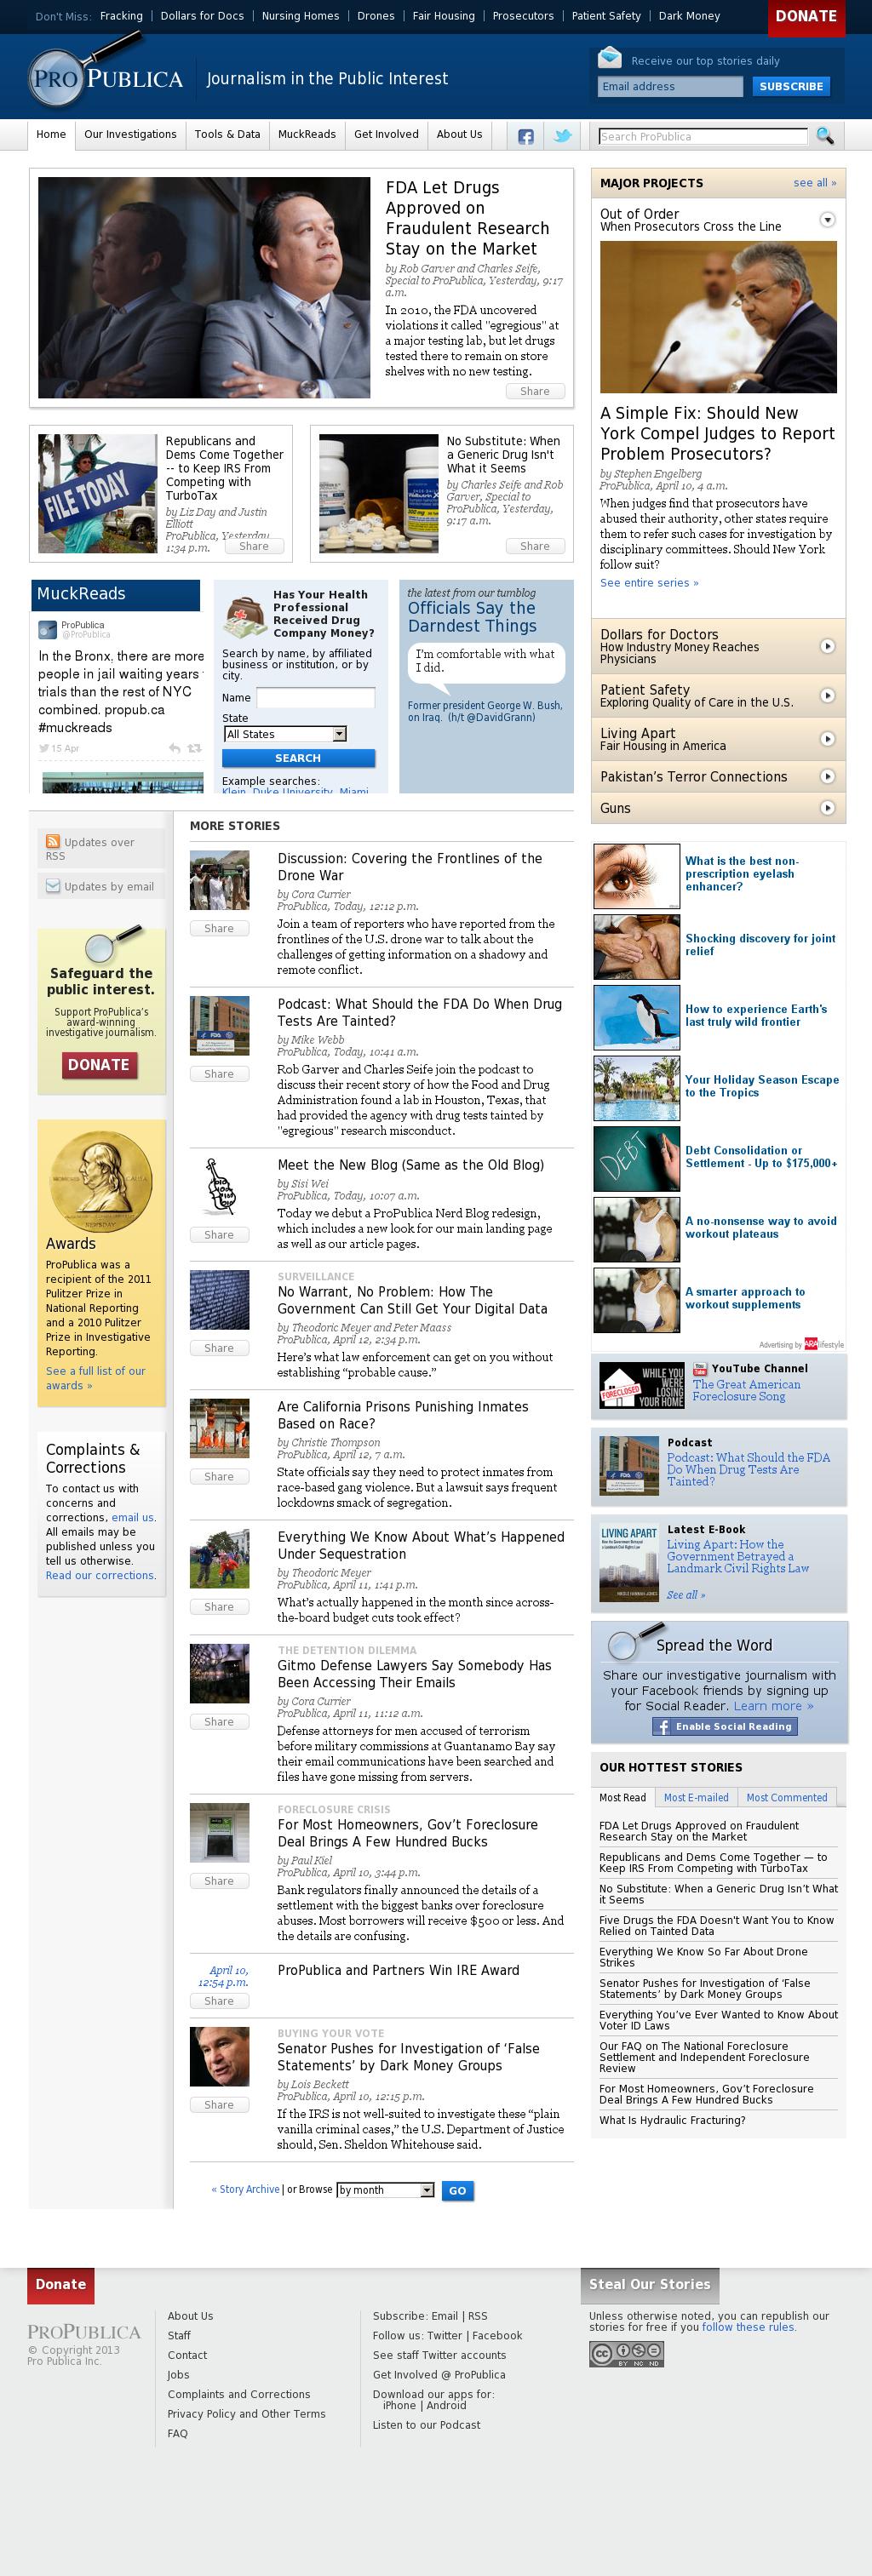 ProPublica at Wednesday April 17, 2013, 2:19 a.m. UTC